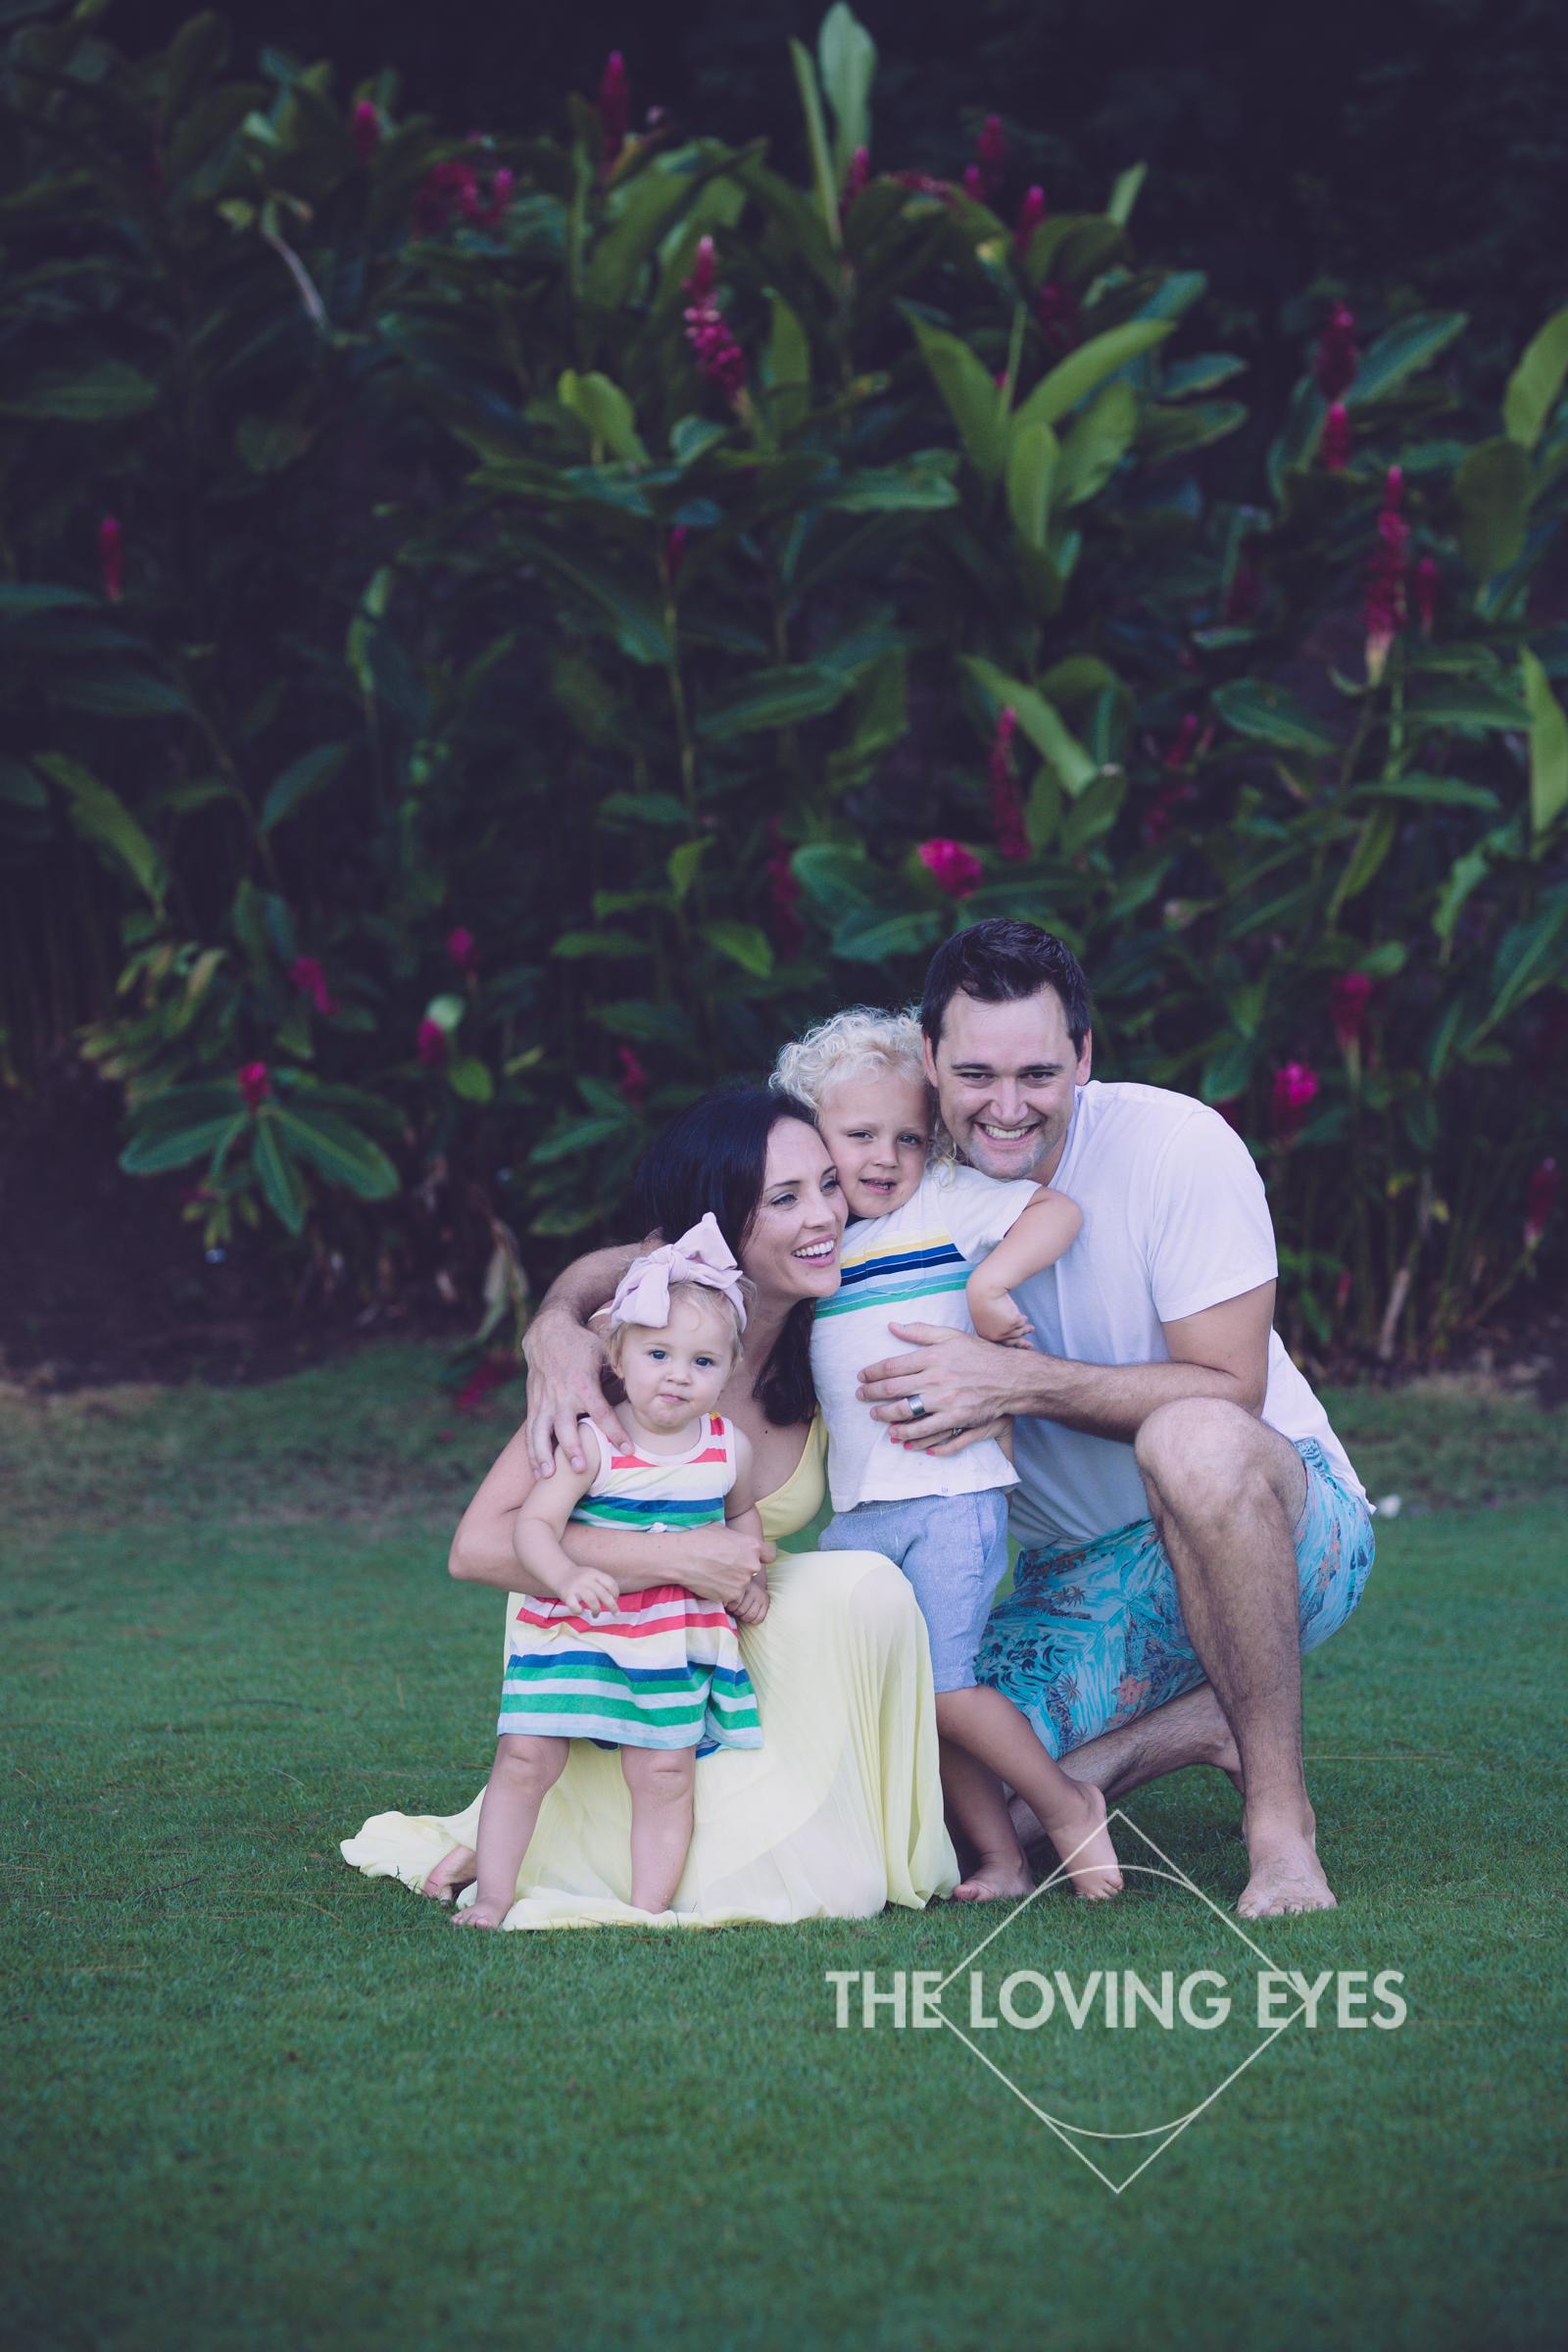 Kauai-Family-Vacation-Beach-Photos-7.jpg